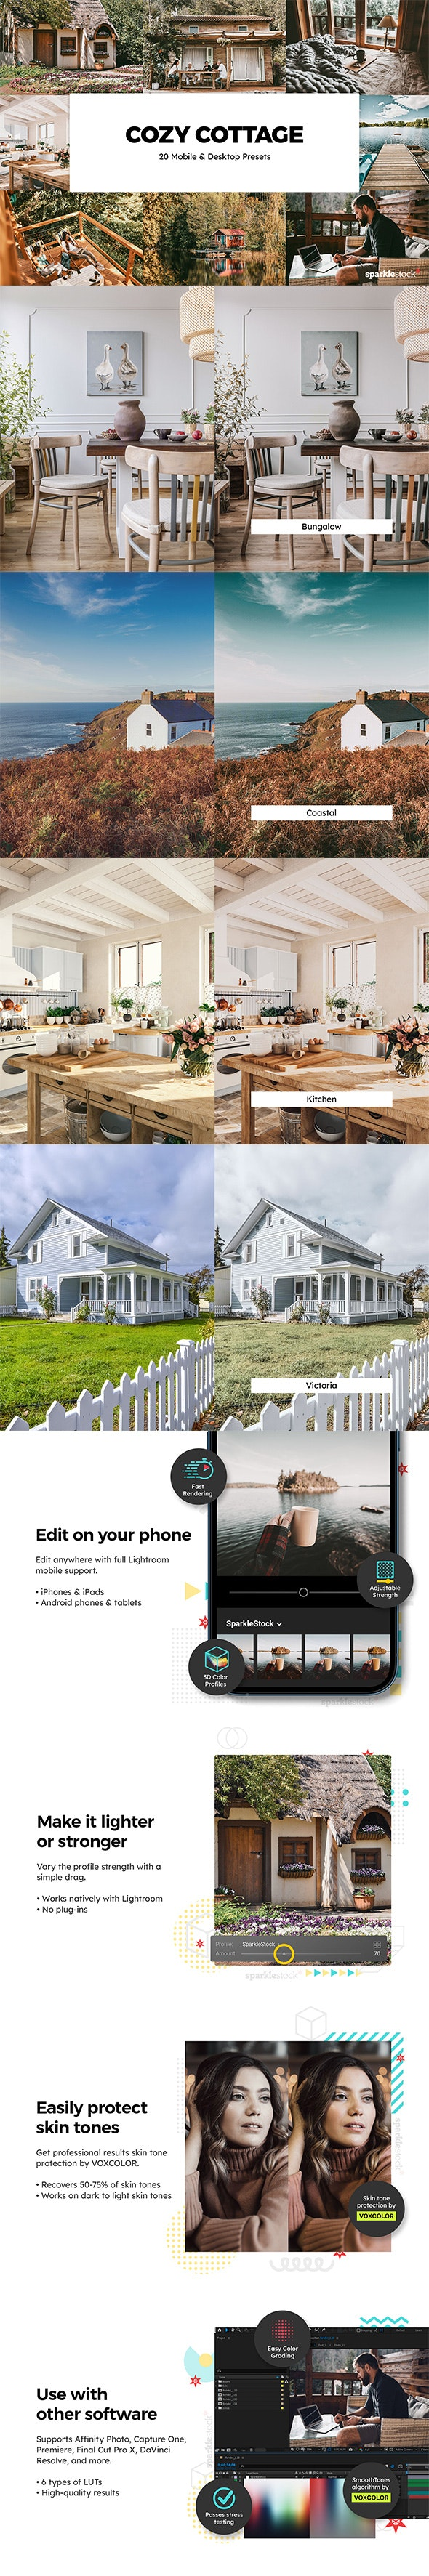 20 Cozy Cottage Lightroom Presets & LUTs - Lightroom Presets Add-ons